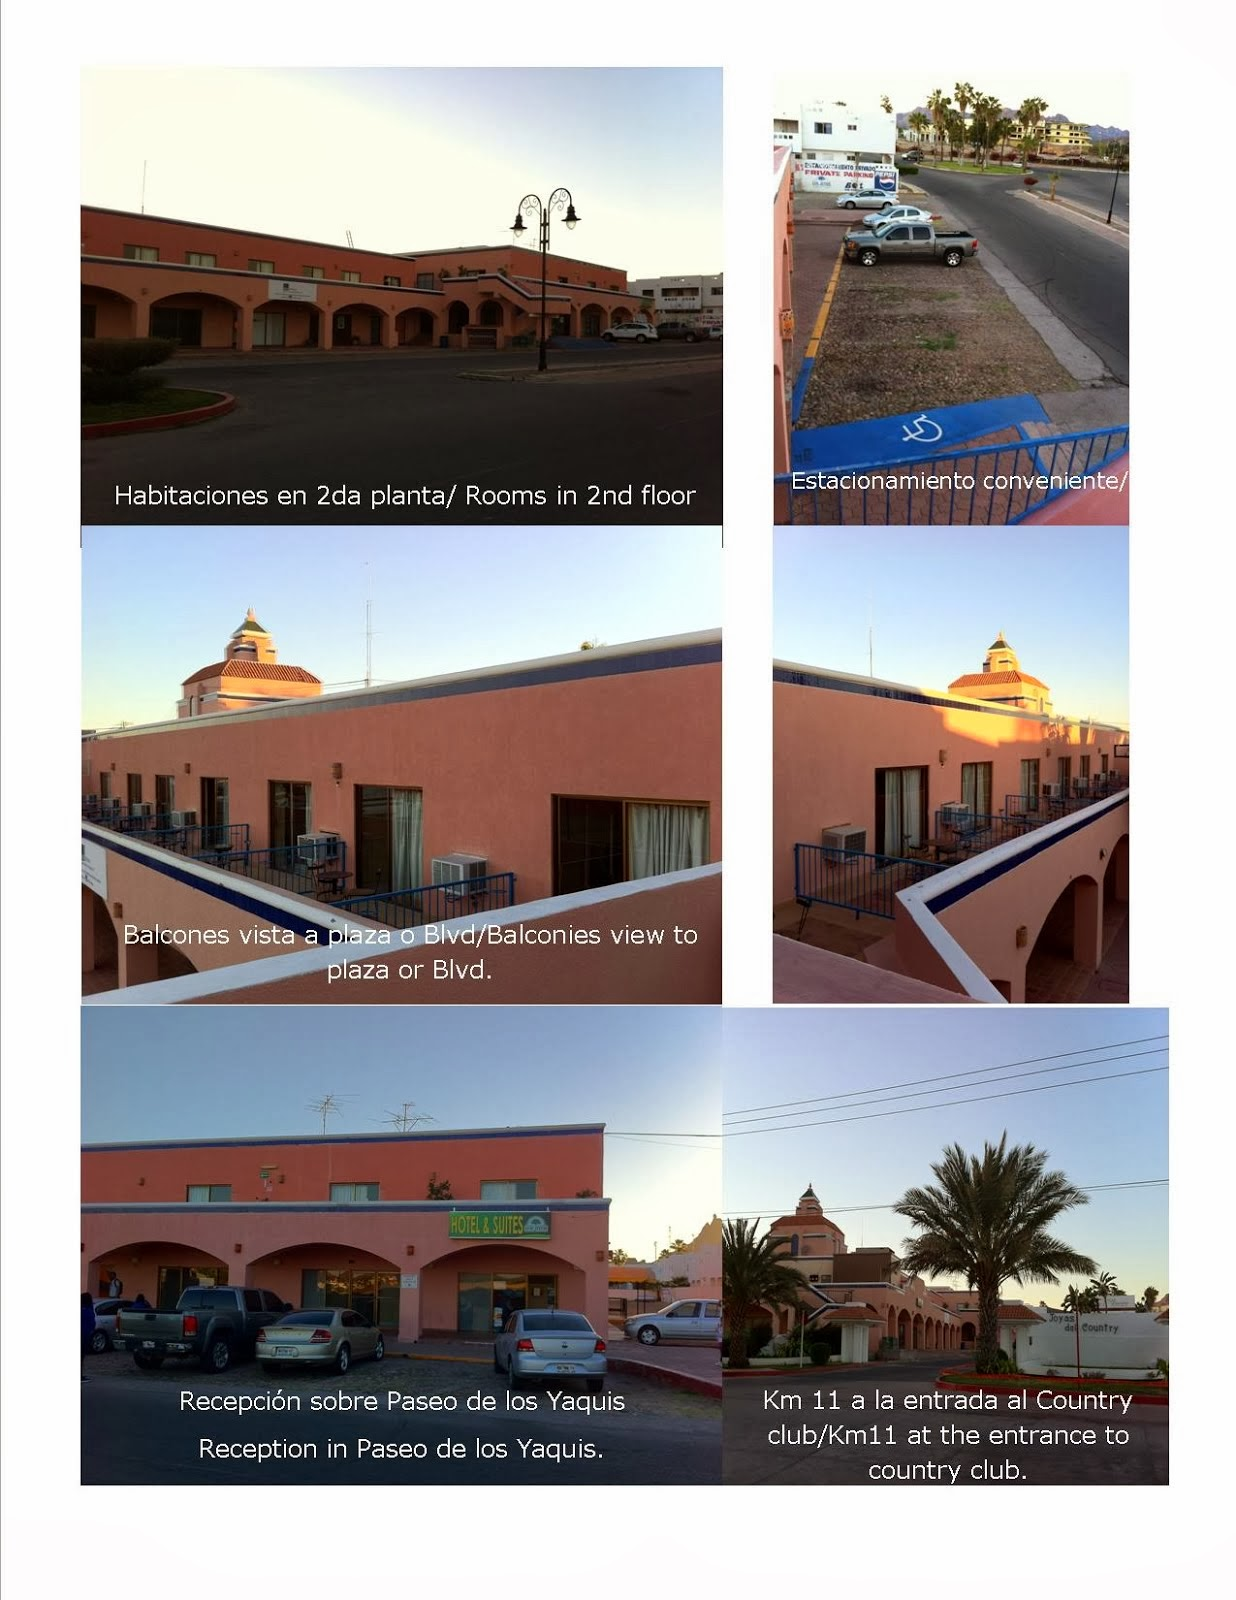 Hostales Y Hoteles En M Xico Febrero 2014 # Muebles Ejido San Carlos